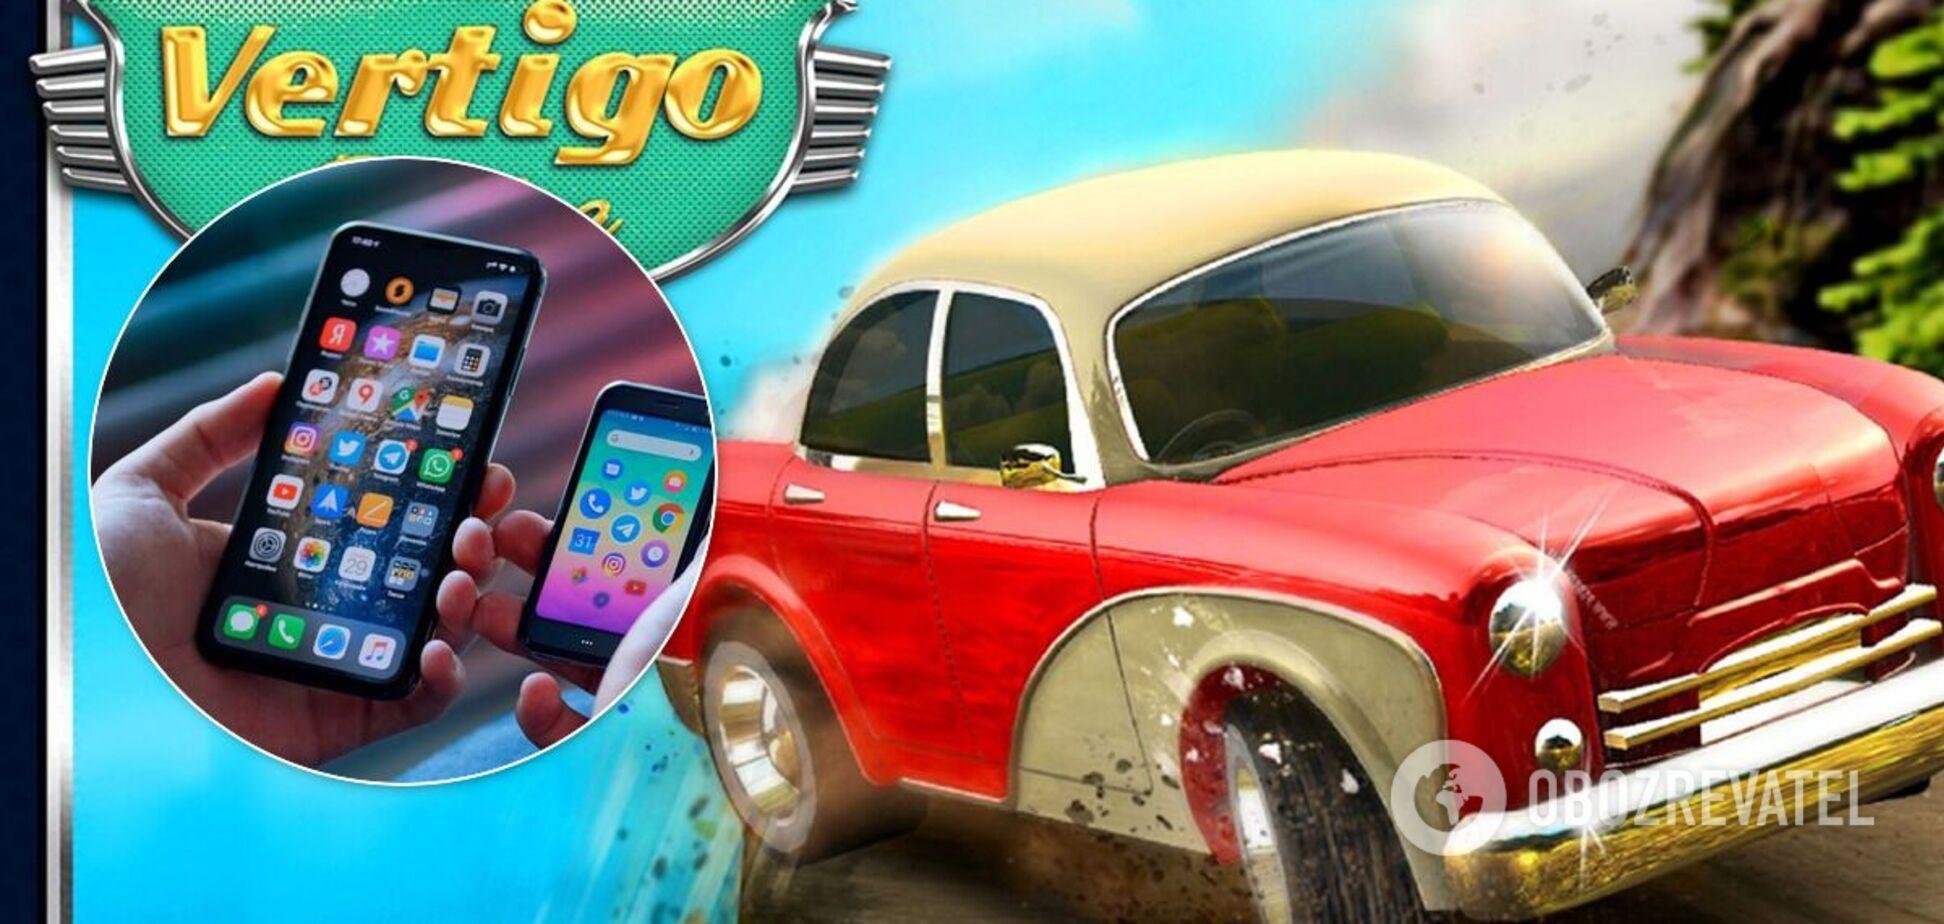 Vertigo Racing – дуже незвичайна, стильна і приваблива гра